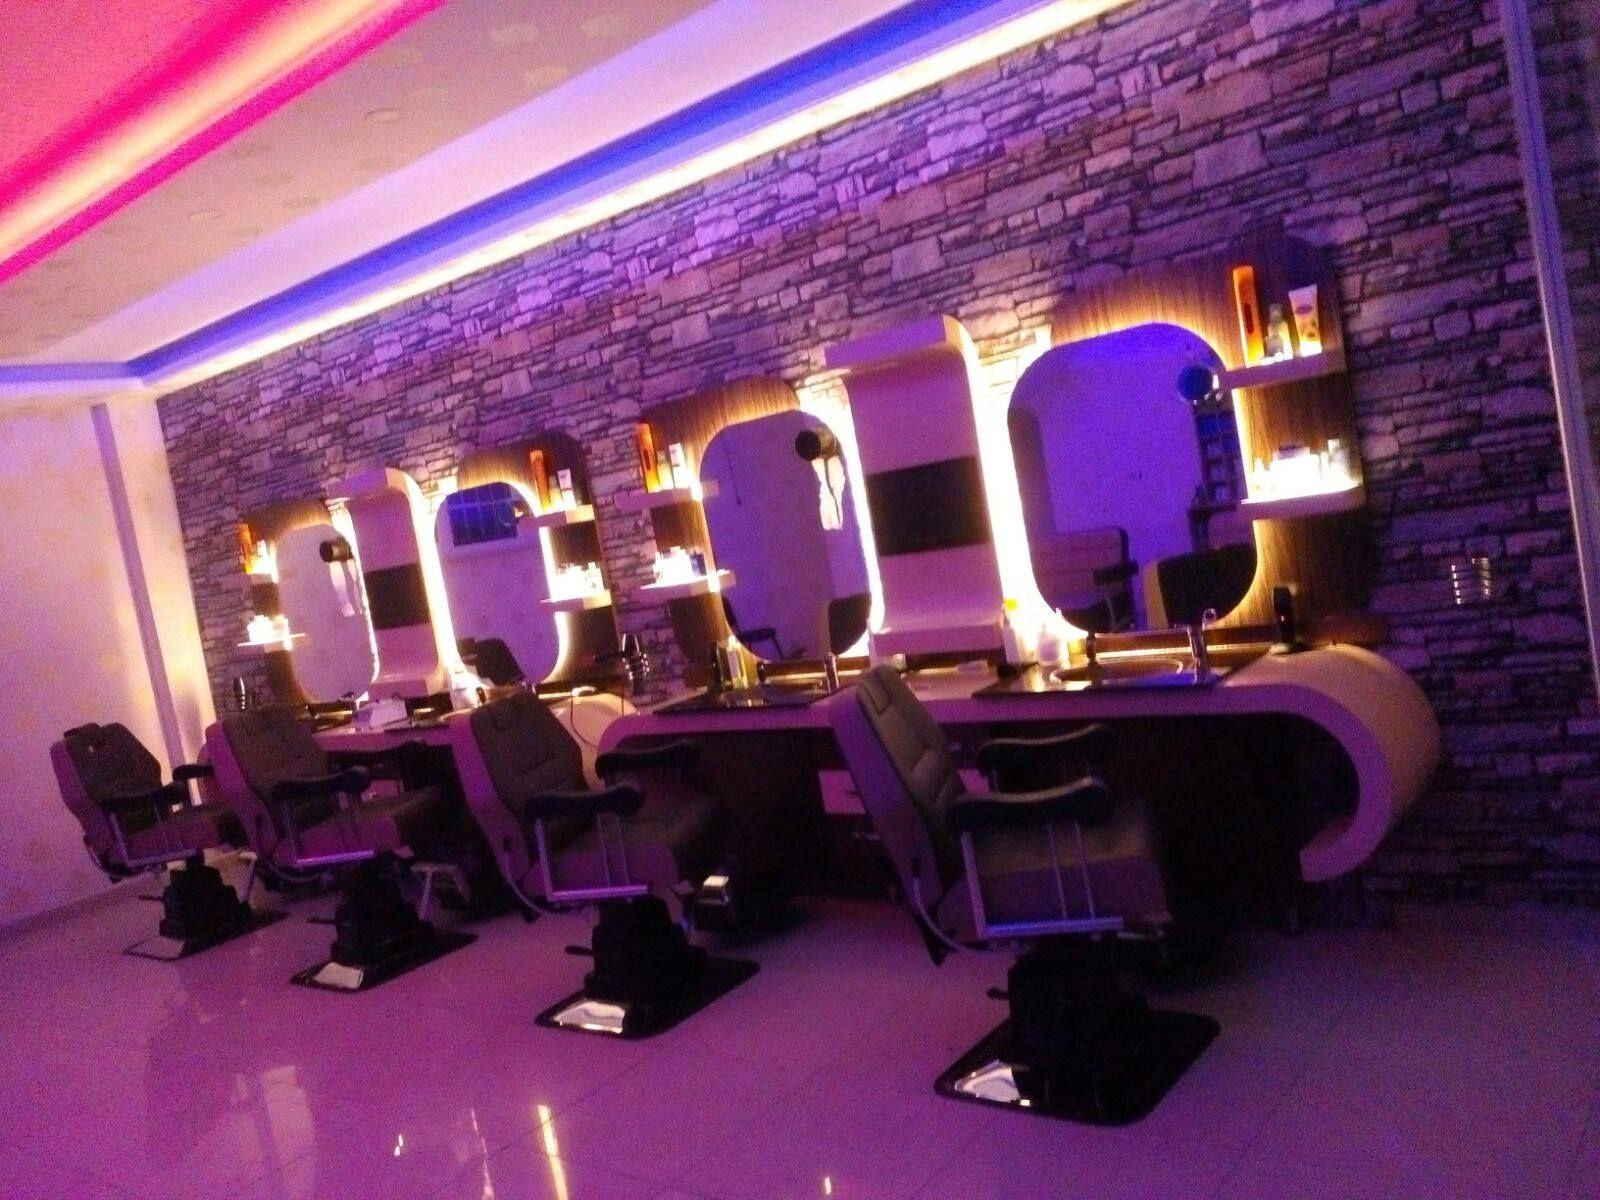 النهار والليل 00905302439505 #barber #barberlife #Riyadh  #Jeddah  #Doha  #Amman  #Dubai  #Beirut  #Kuwait  #Muscat  #Qatar  #France  #Paris #barbershop  #haircut  #shop #FirstClass  #leather #custom #uk